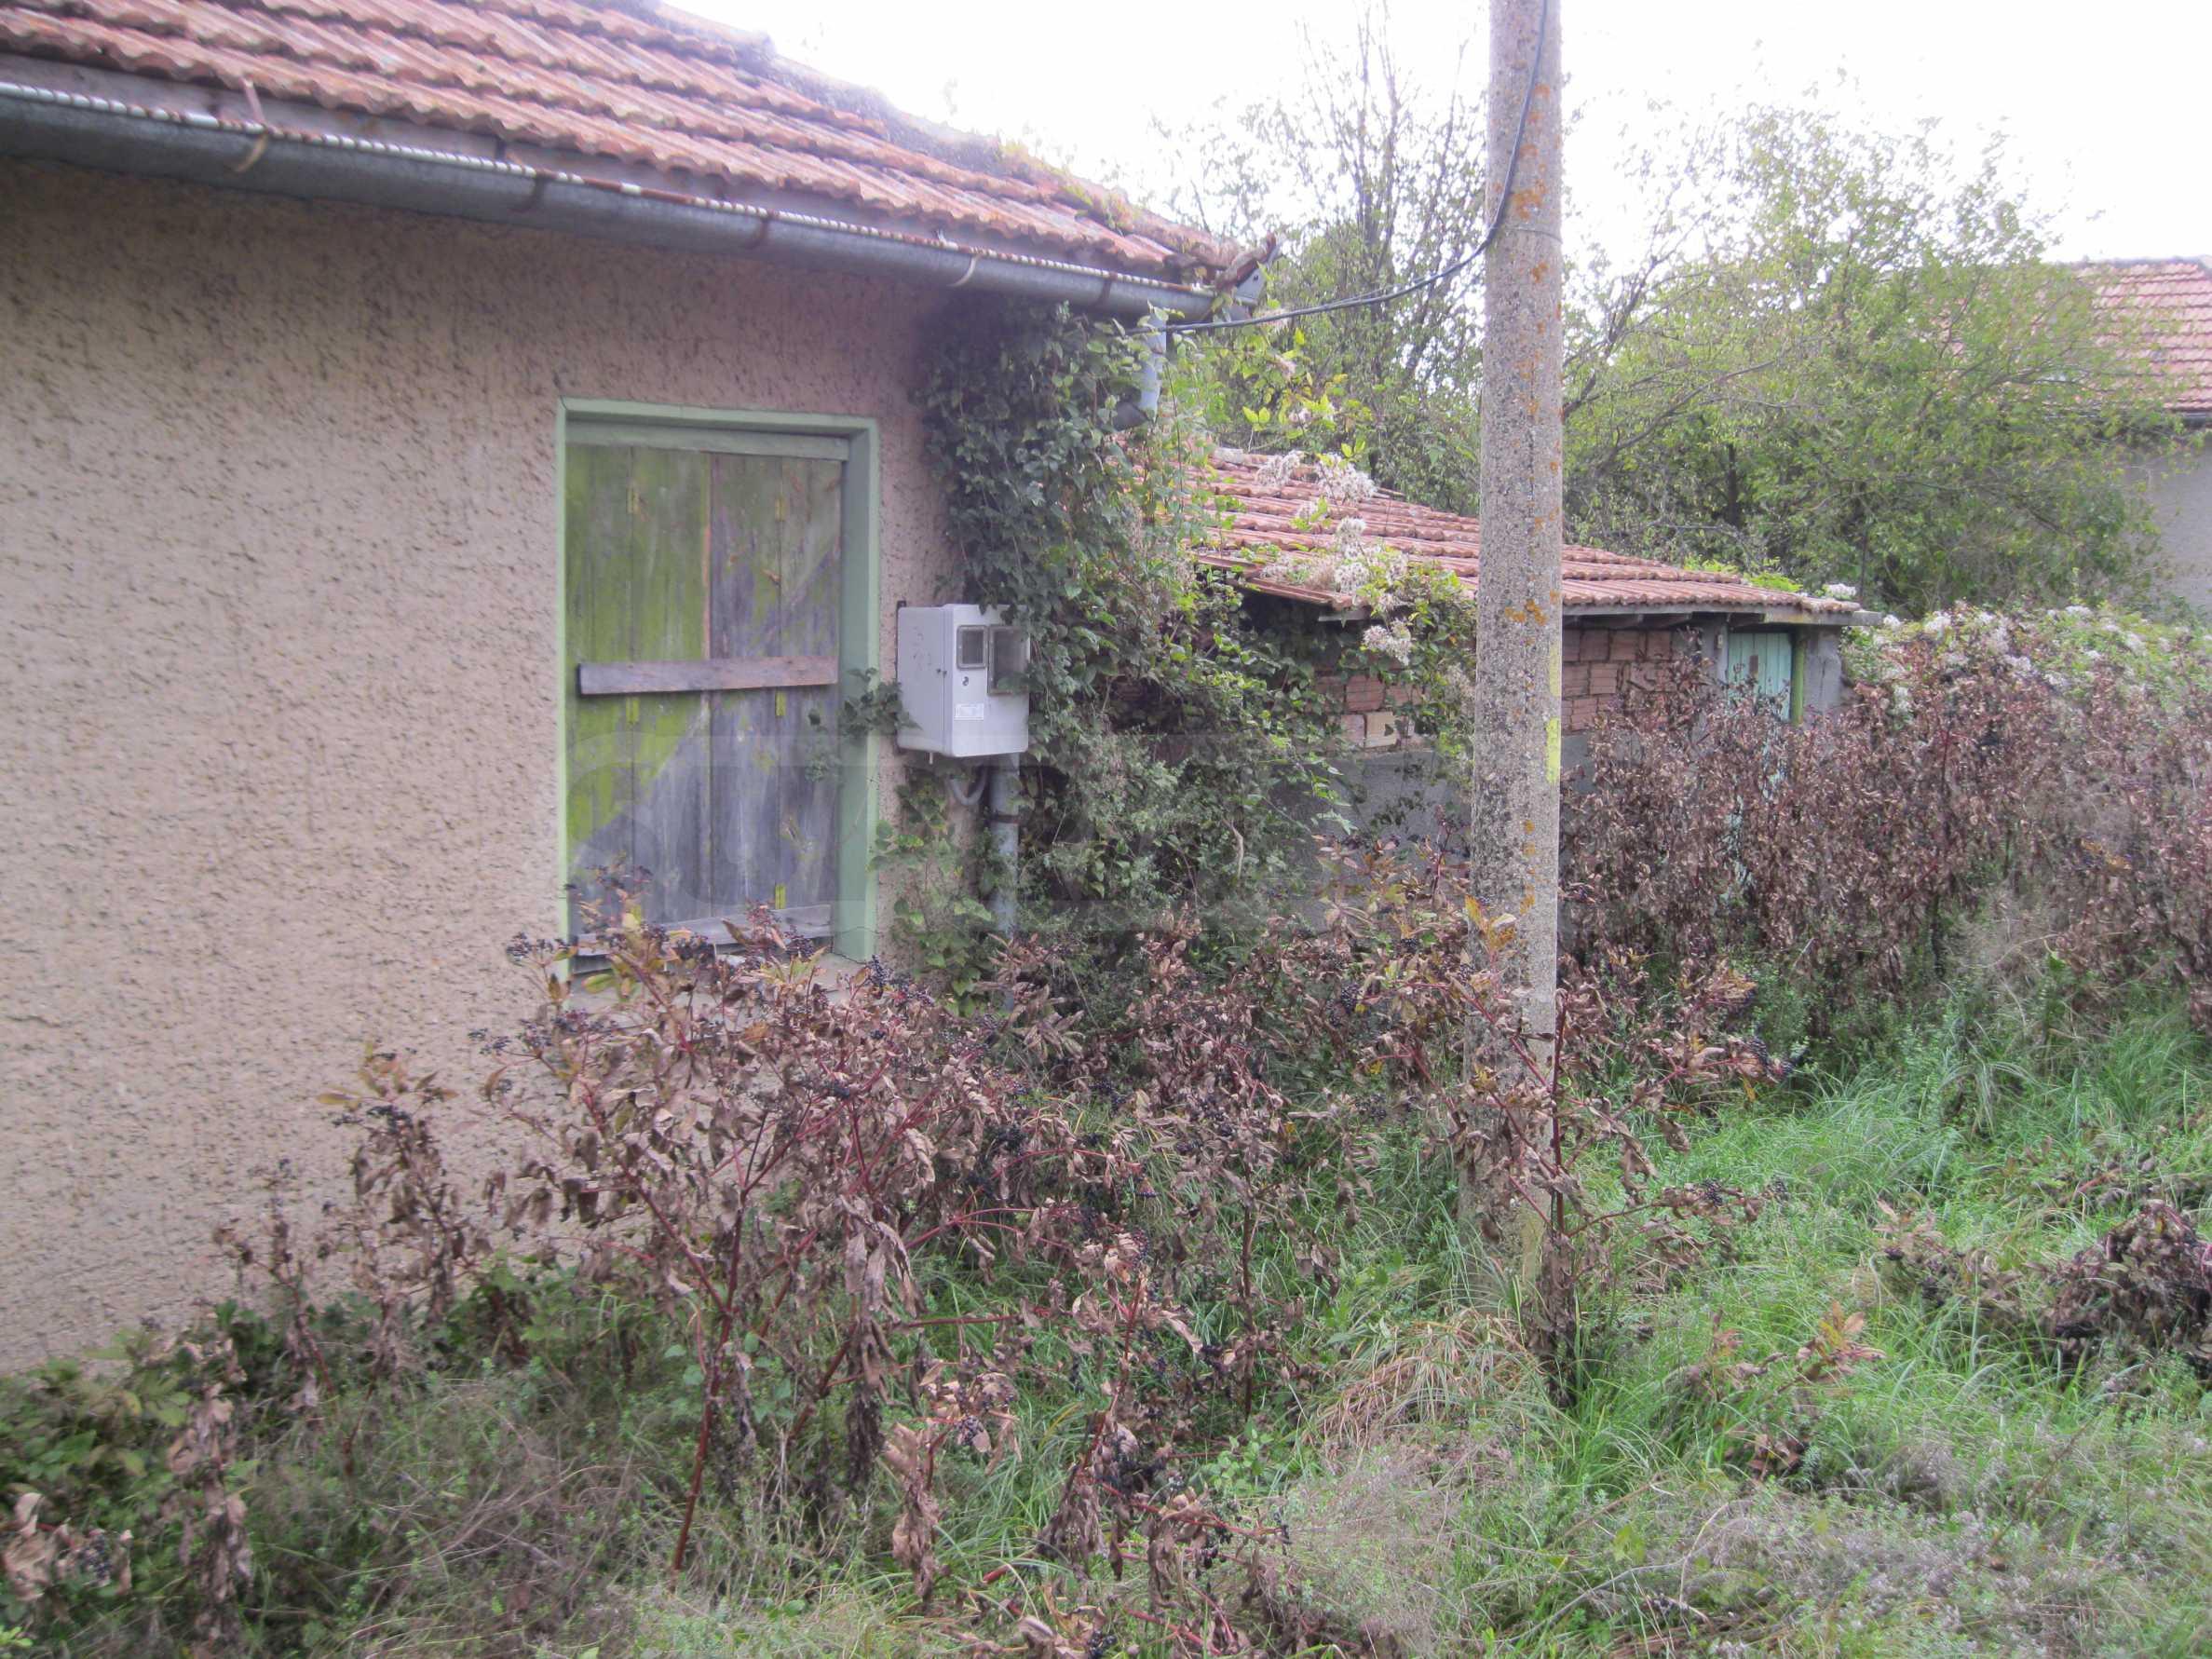 Backsteinhaus in einem Dorf, nur 100 Meter von der Hauptstraße entfernt